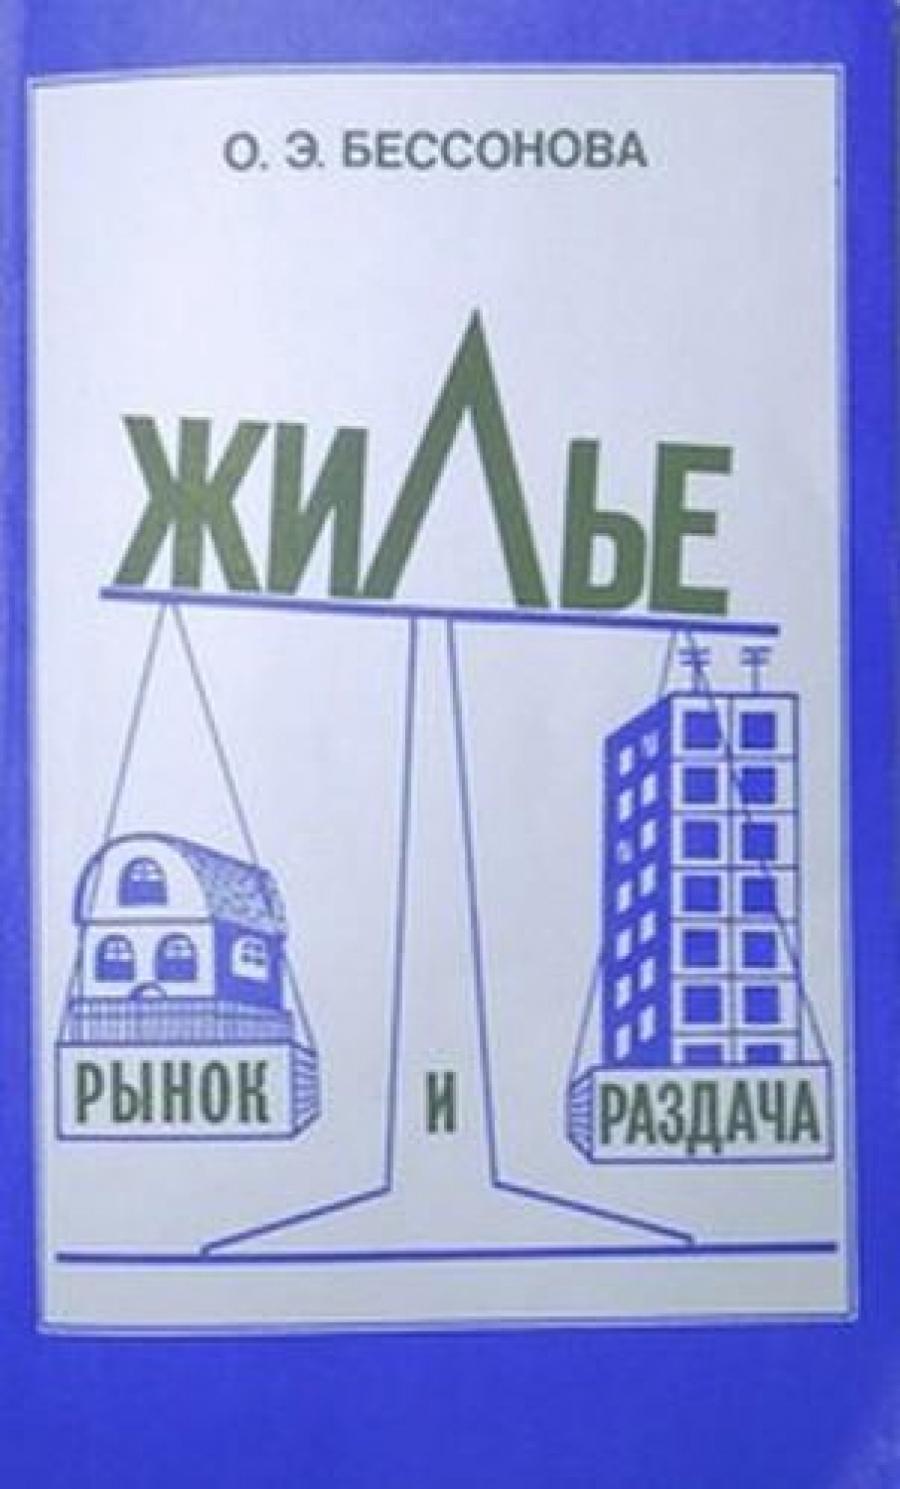 Обложка книги:  бессонова о.э. - жилье. рынок и раздача